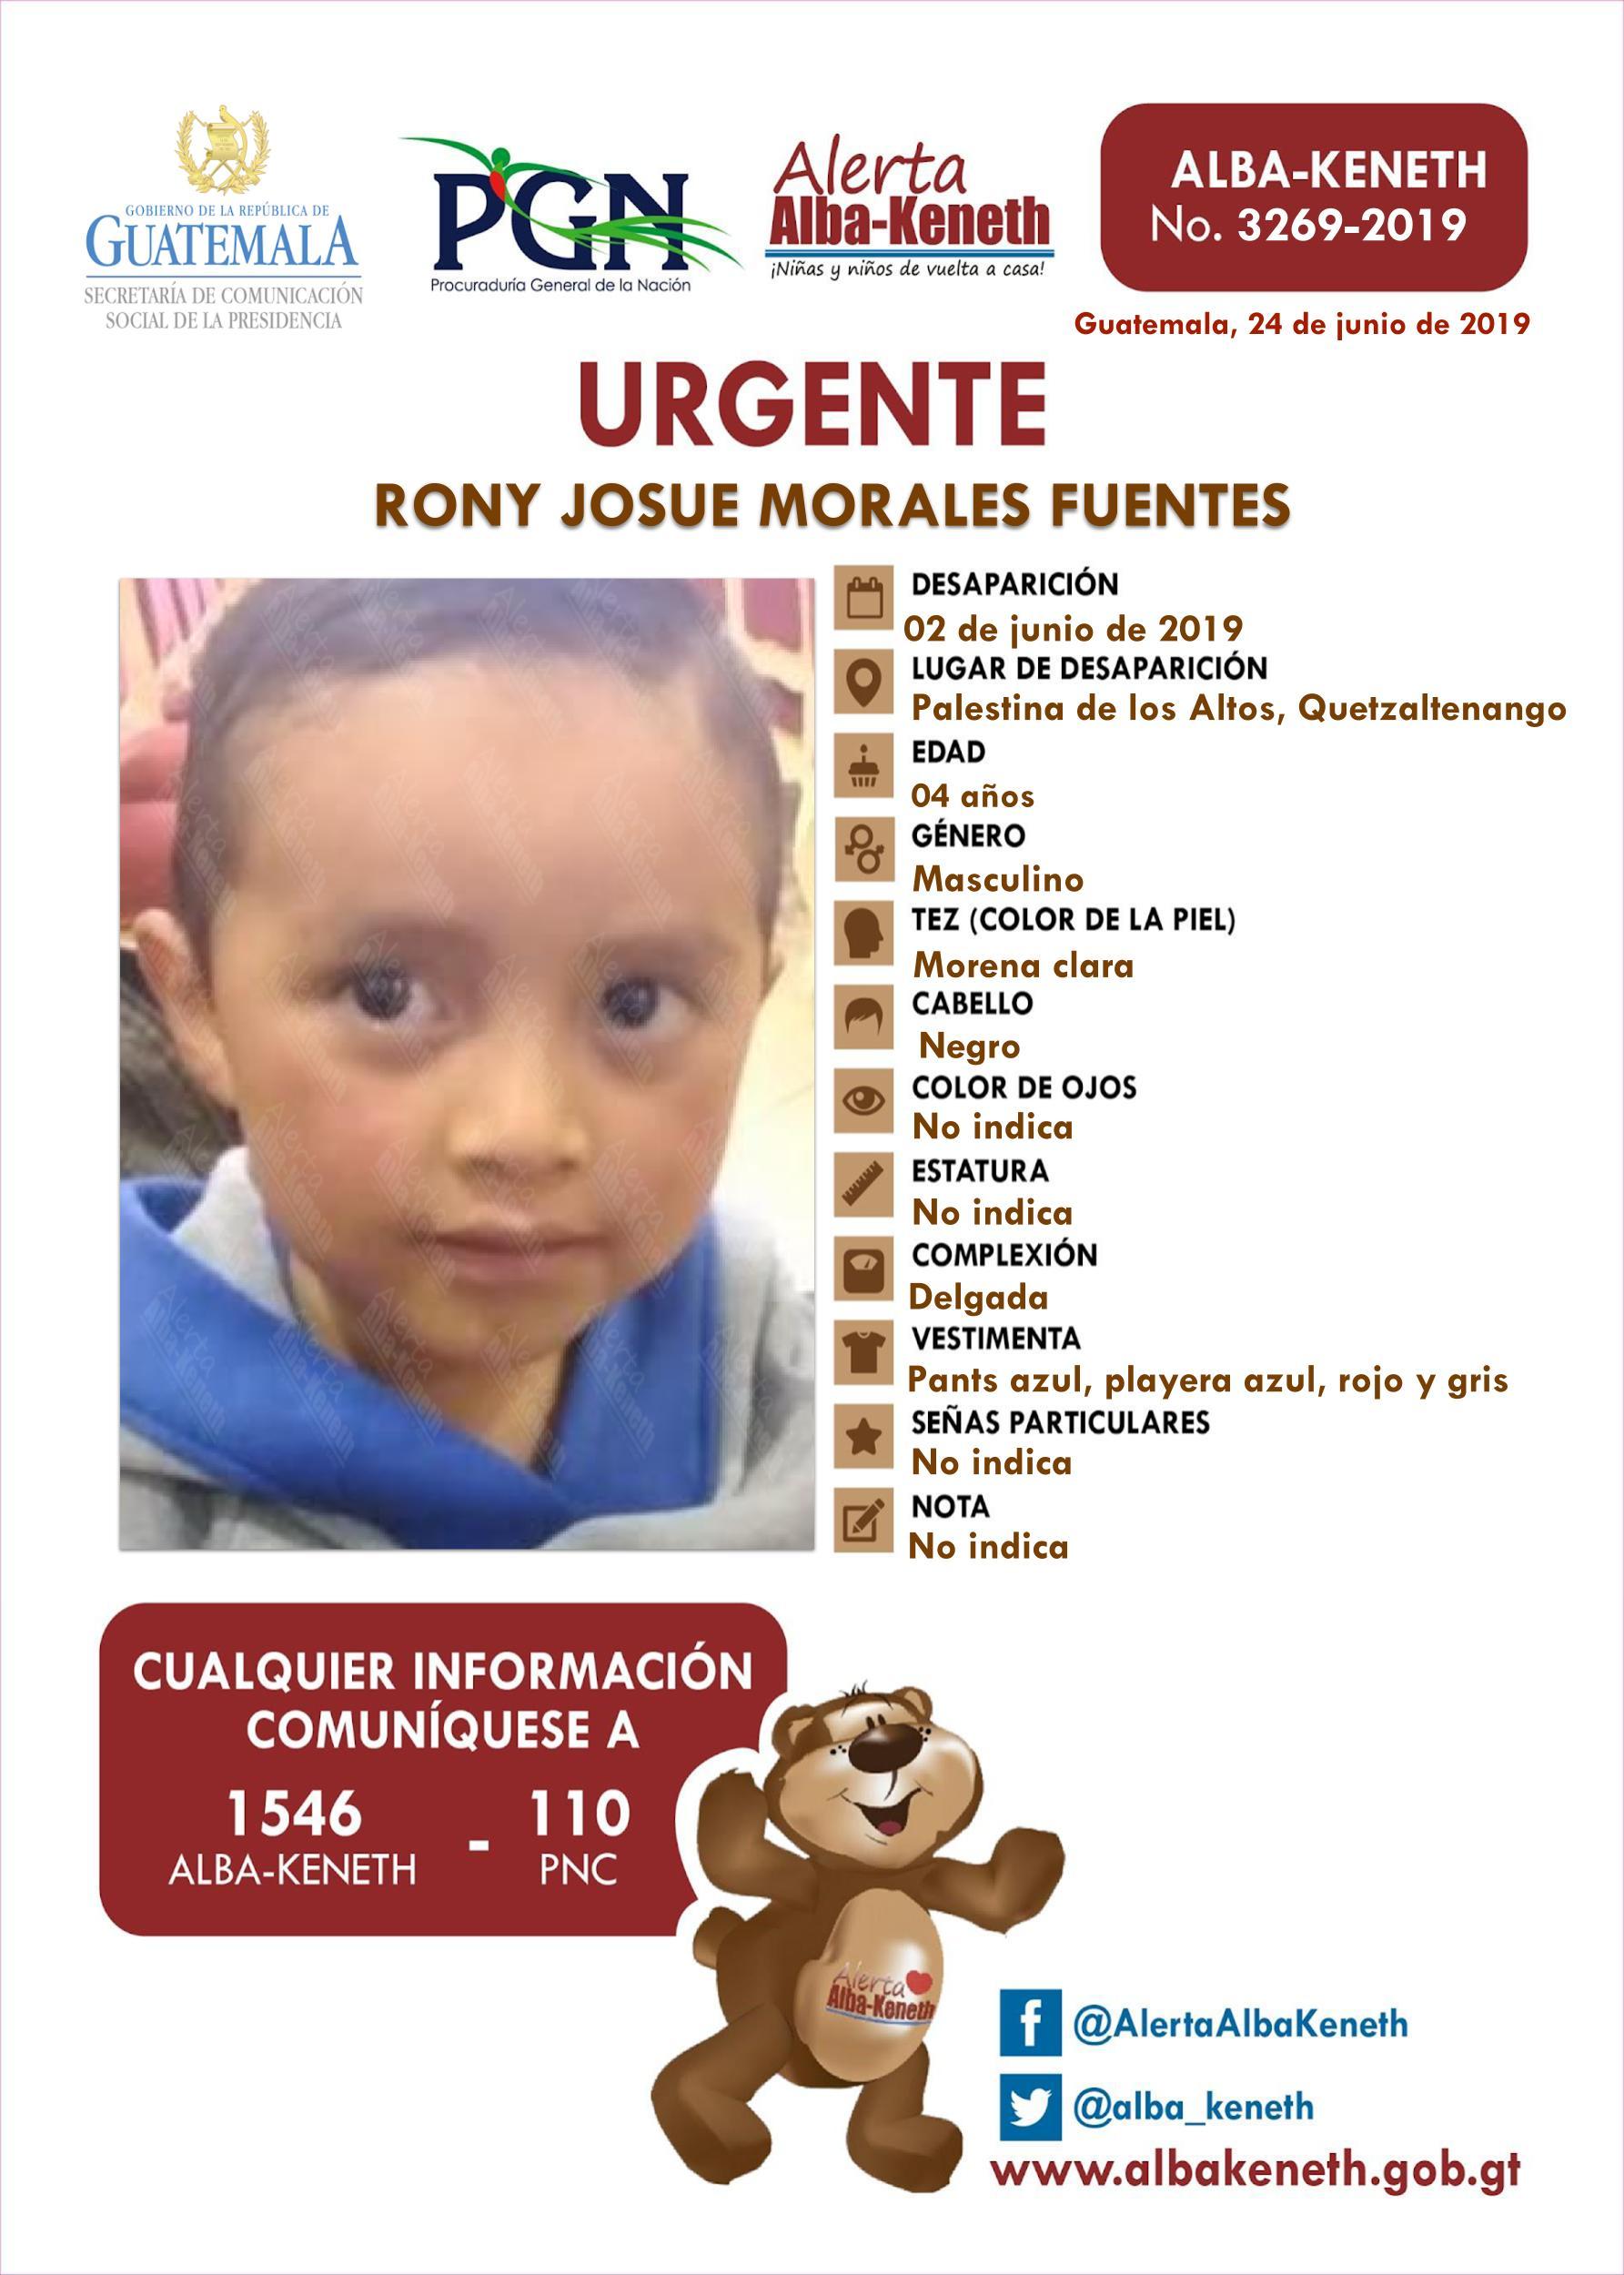 Rony Josue Morales Fuentes